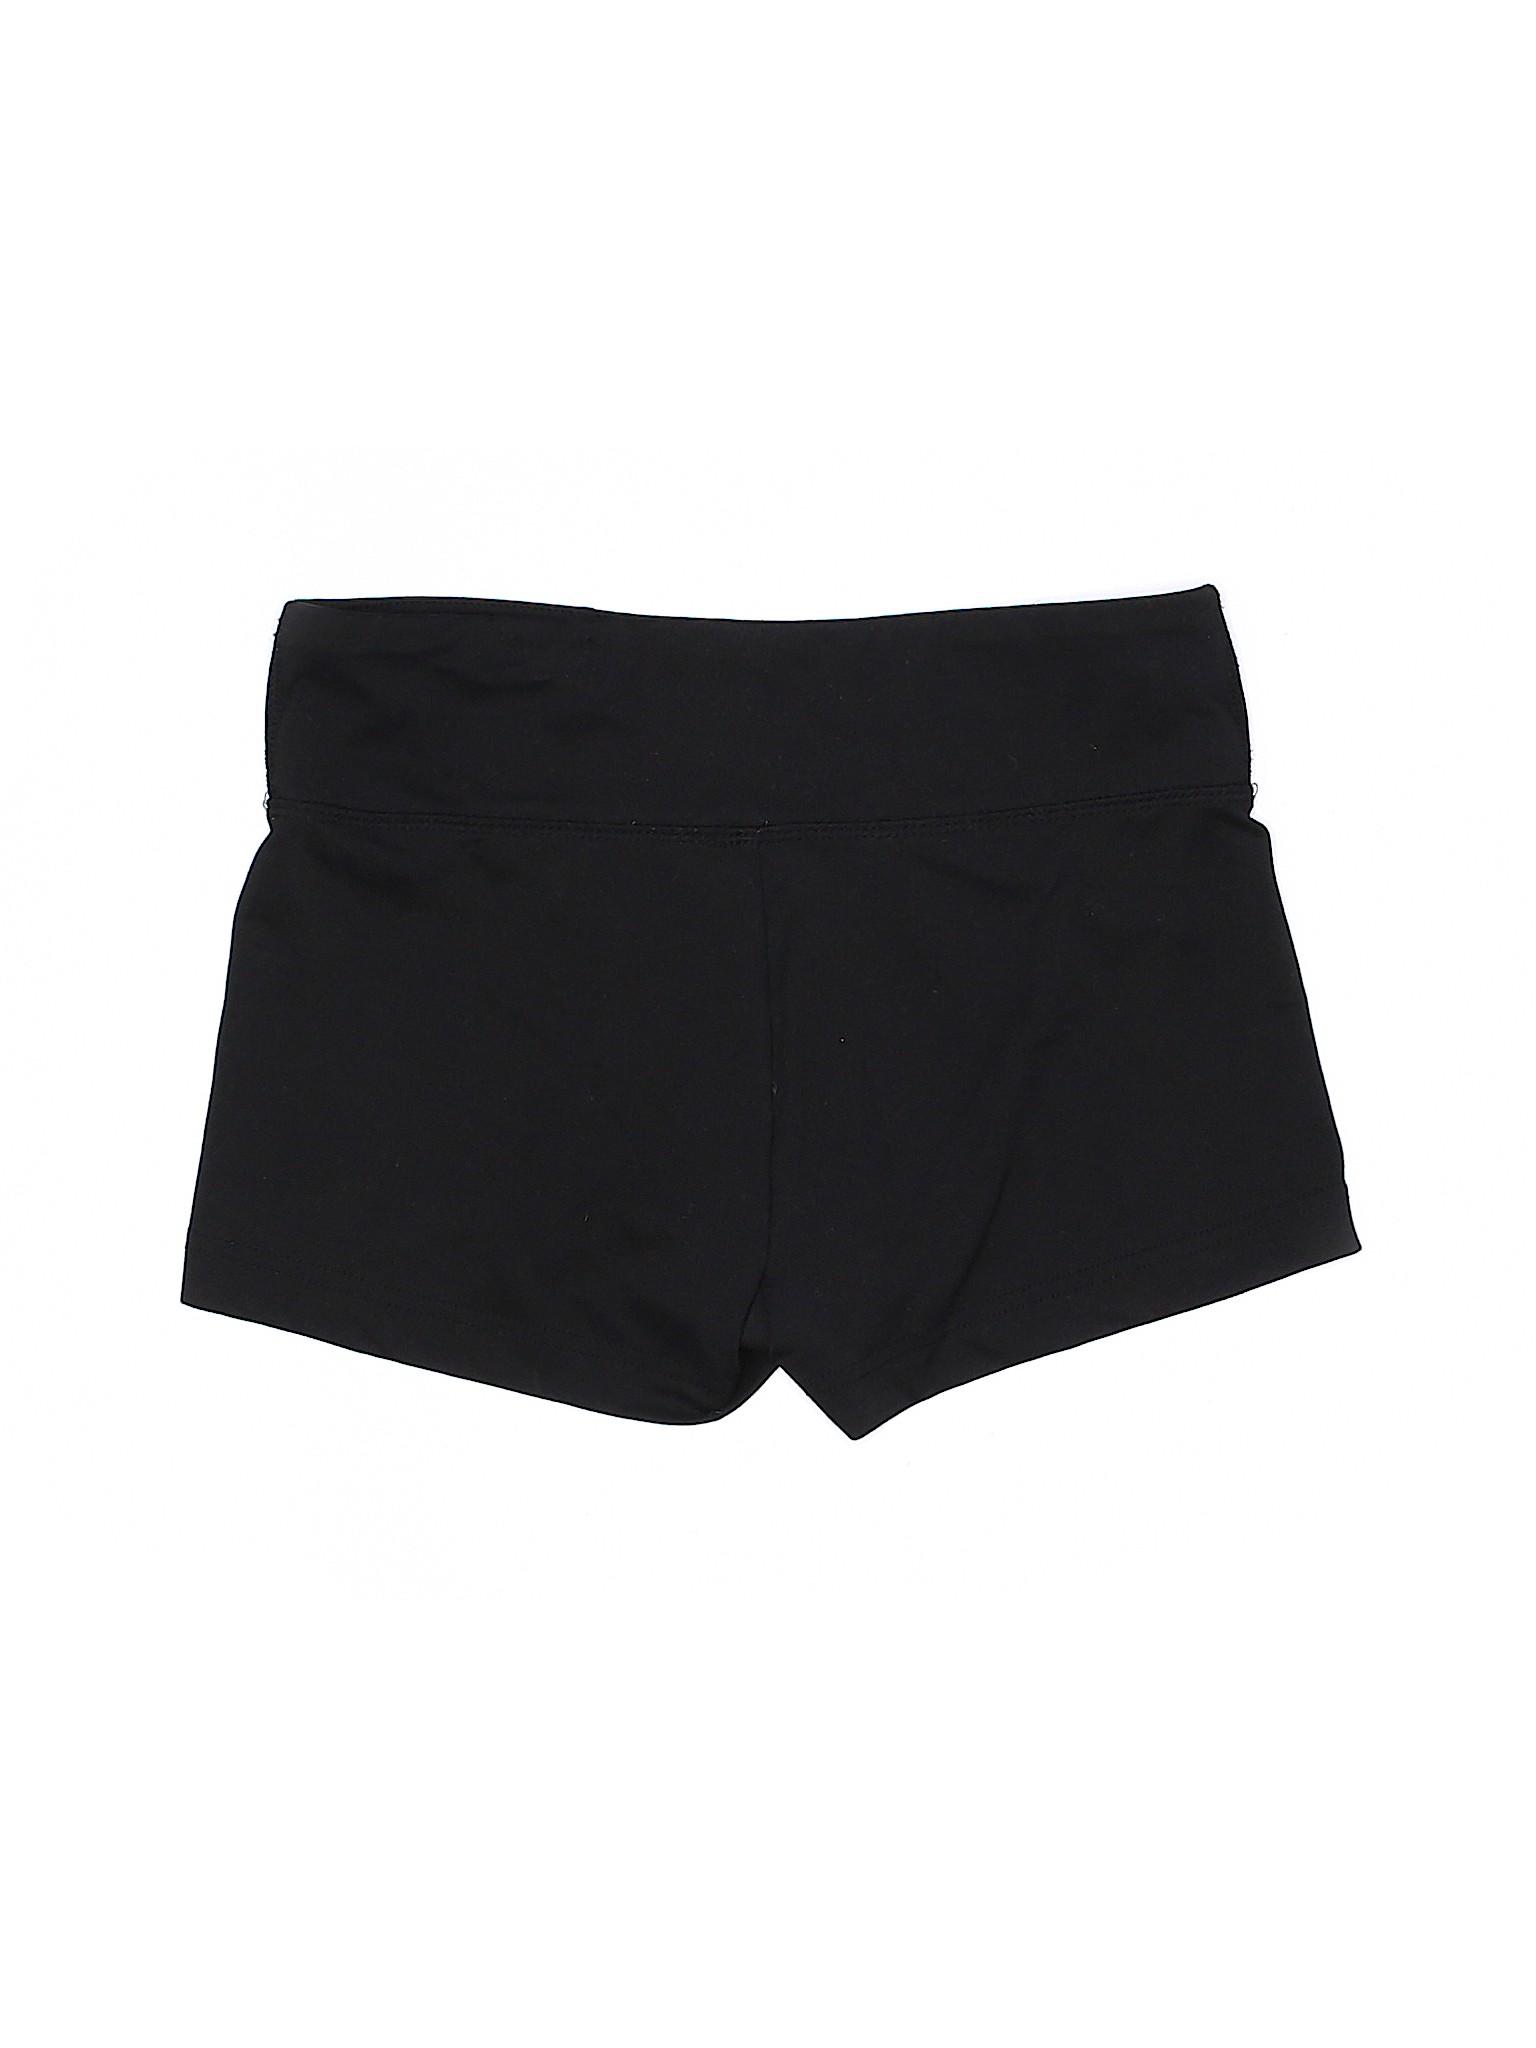 Athletic Boutique Marika Boutique Marika Shorts 0qYHg6w